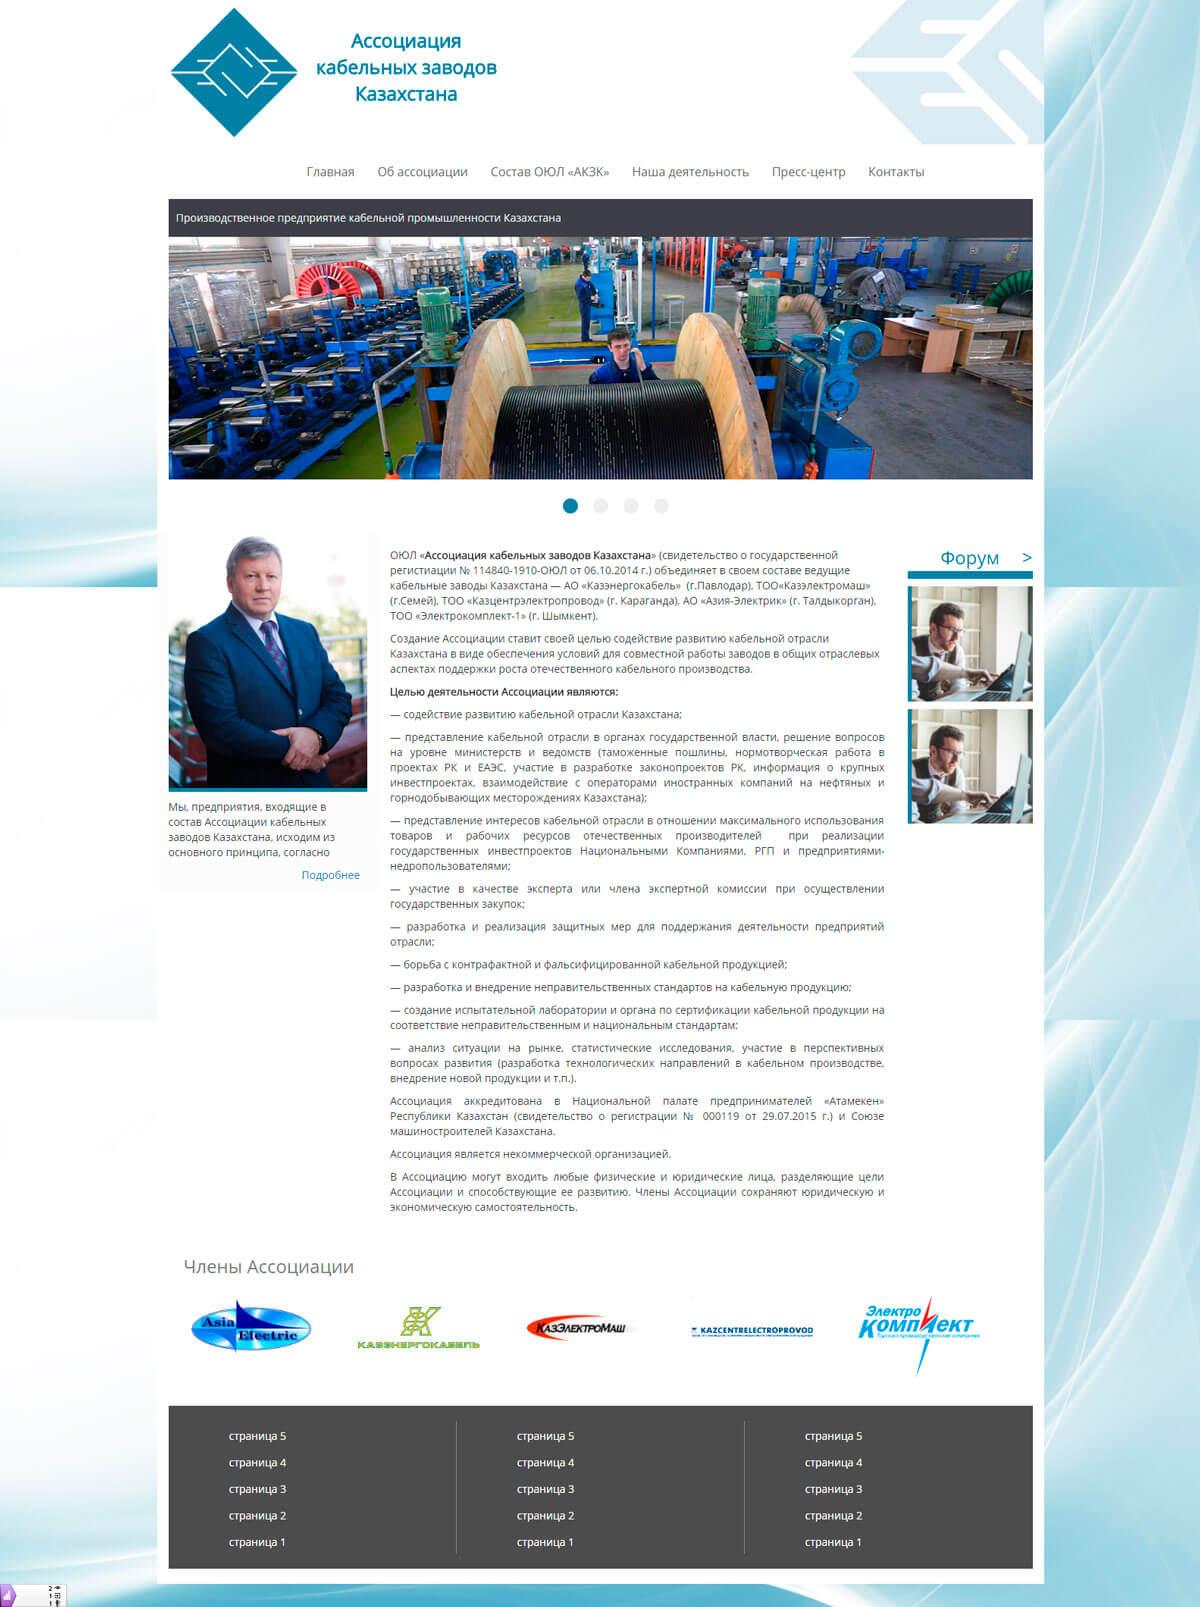 Ассоциация-кабельных-заводов-казахстана-2